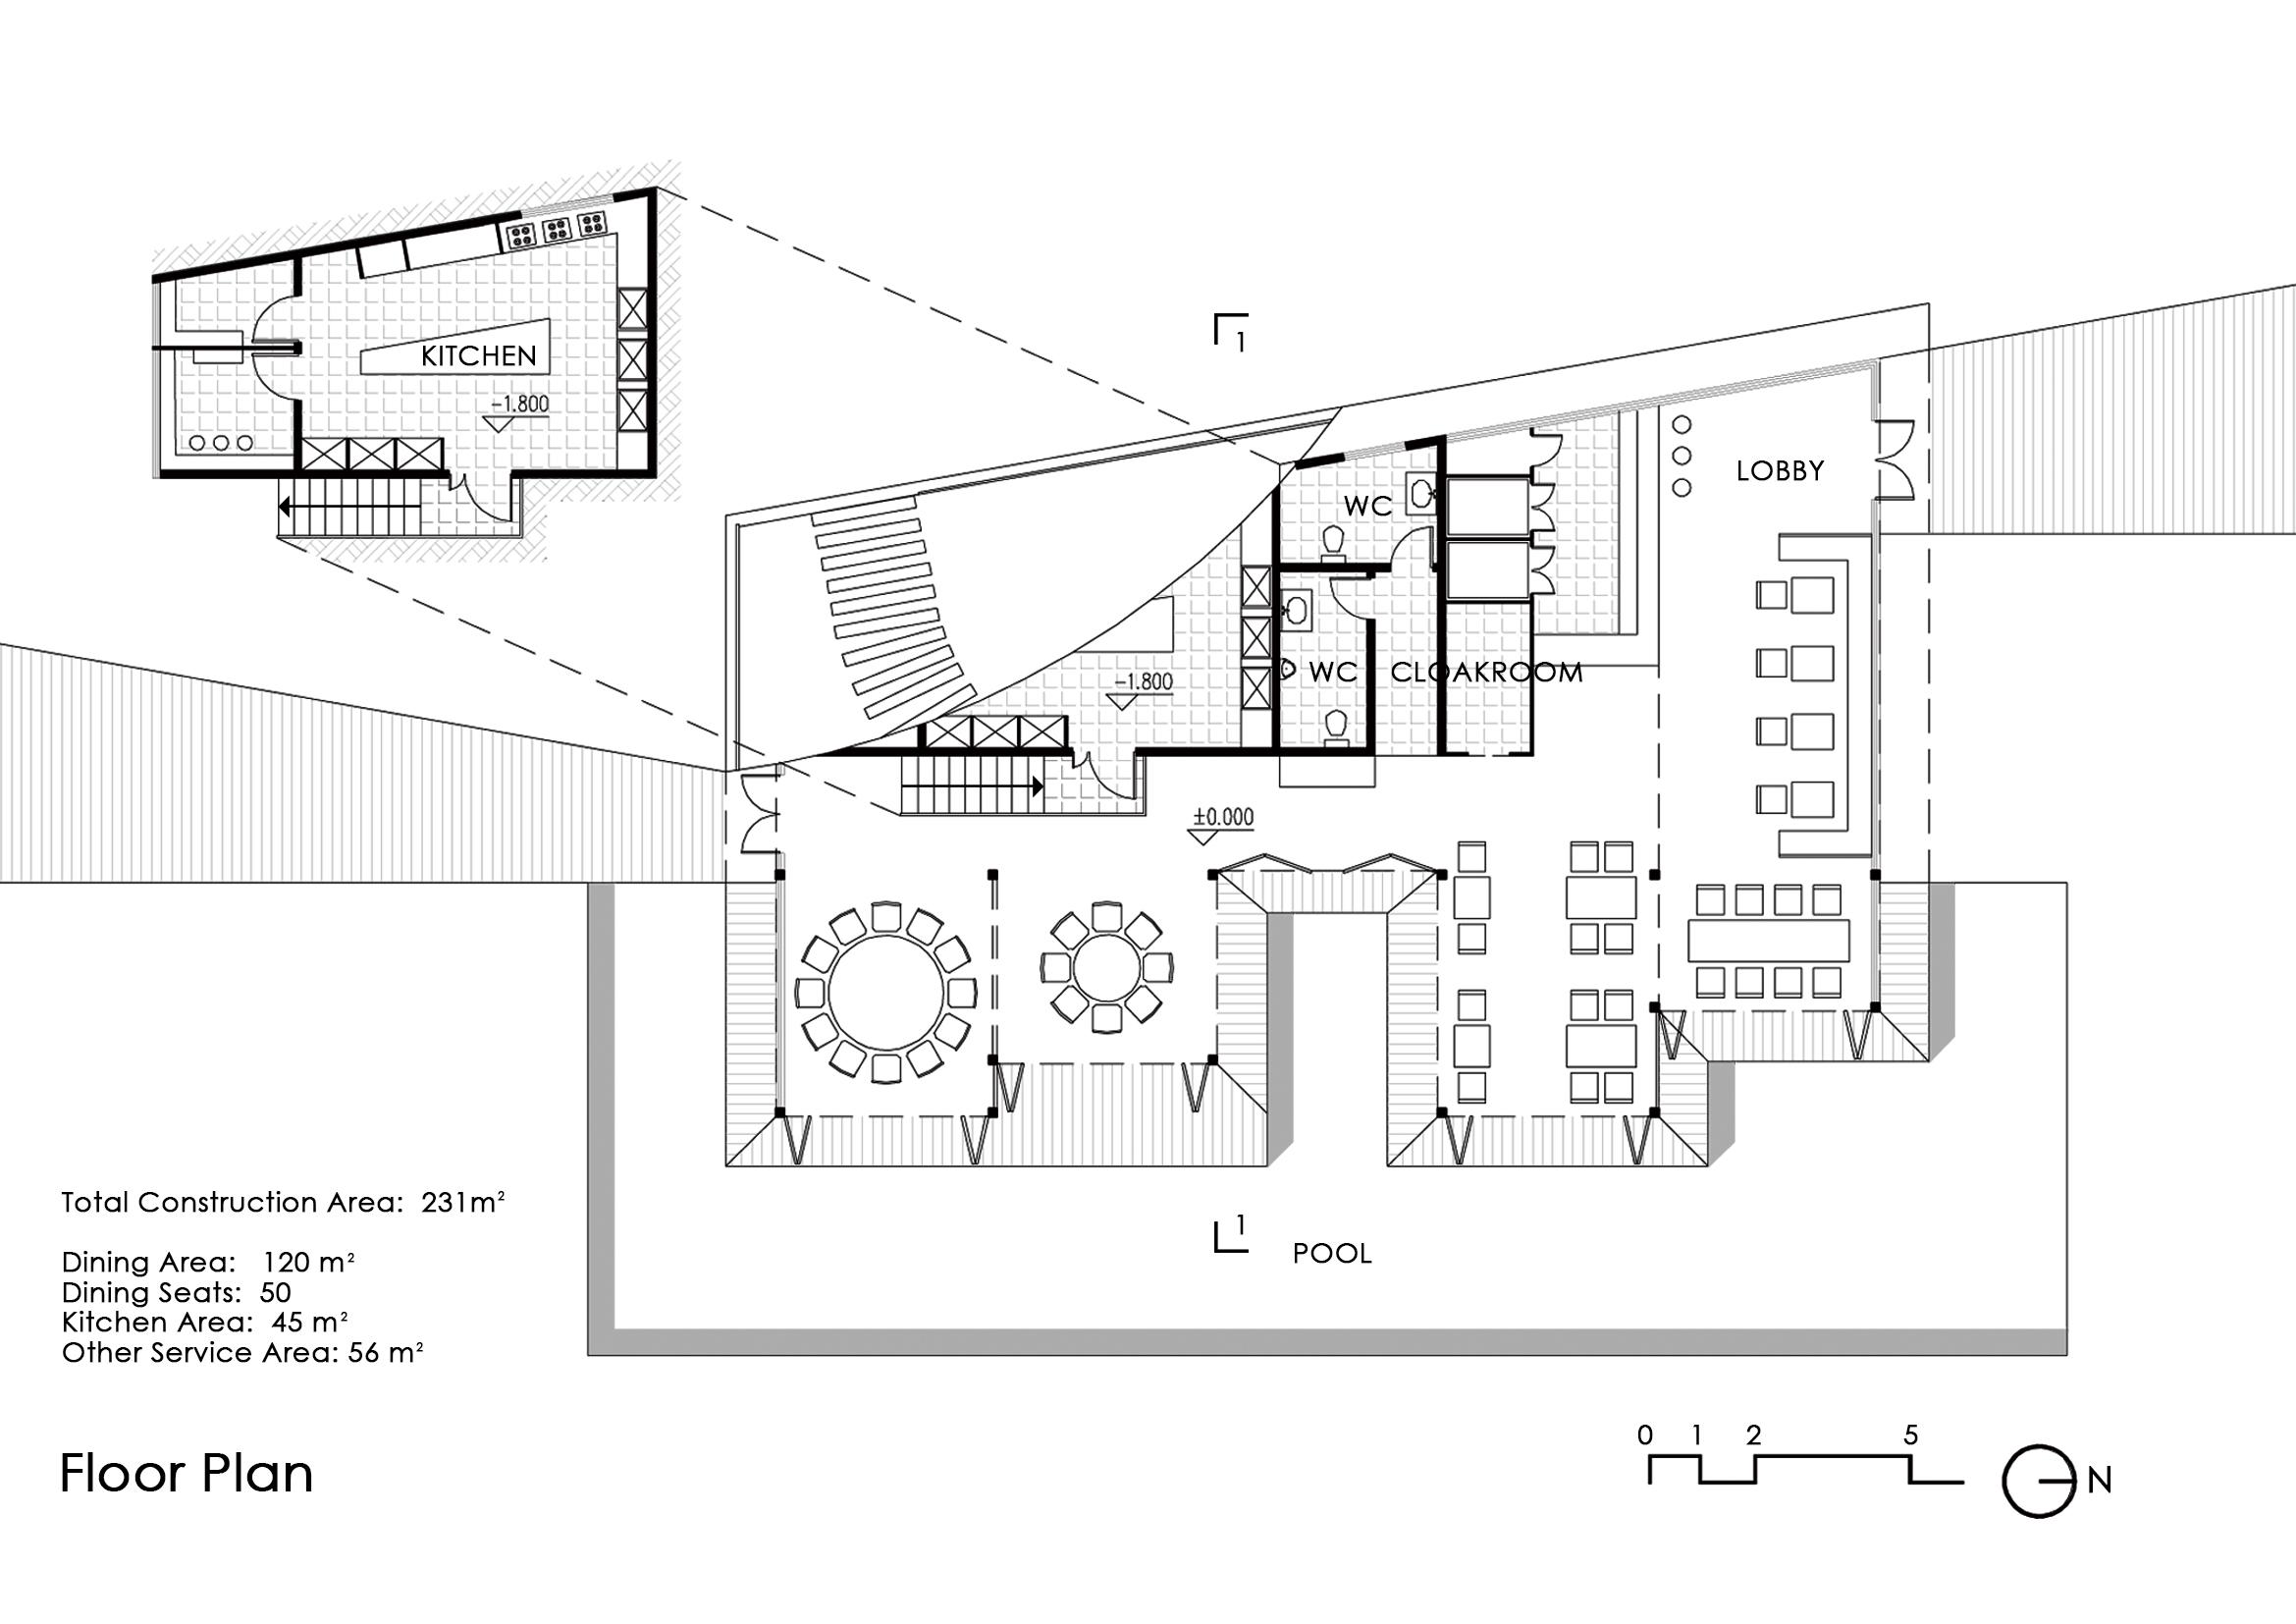 06 Floor Plan